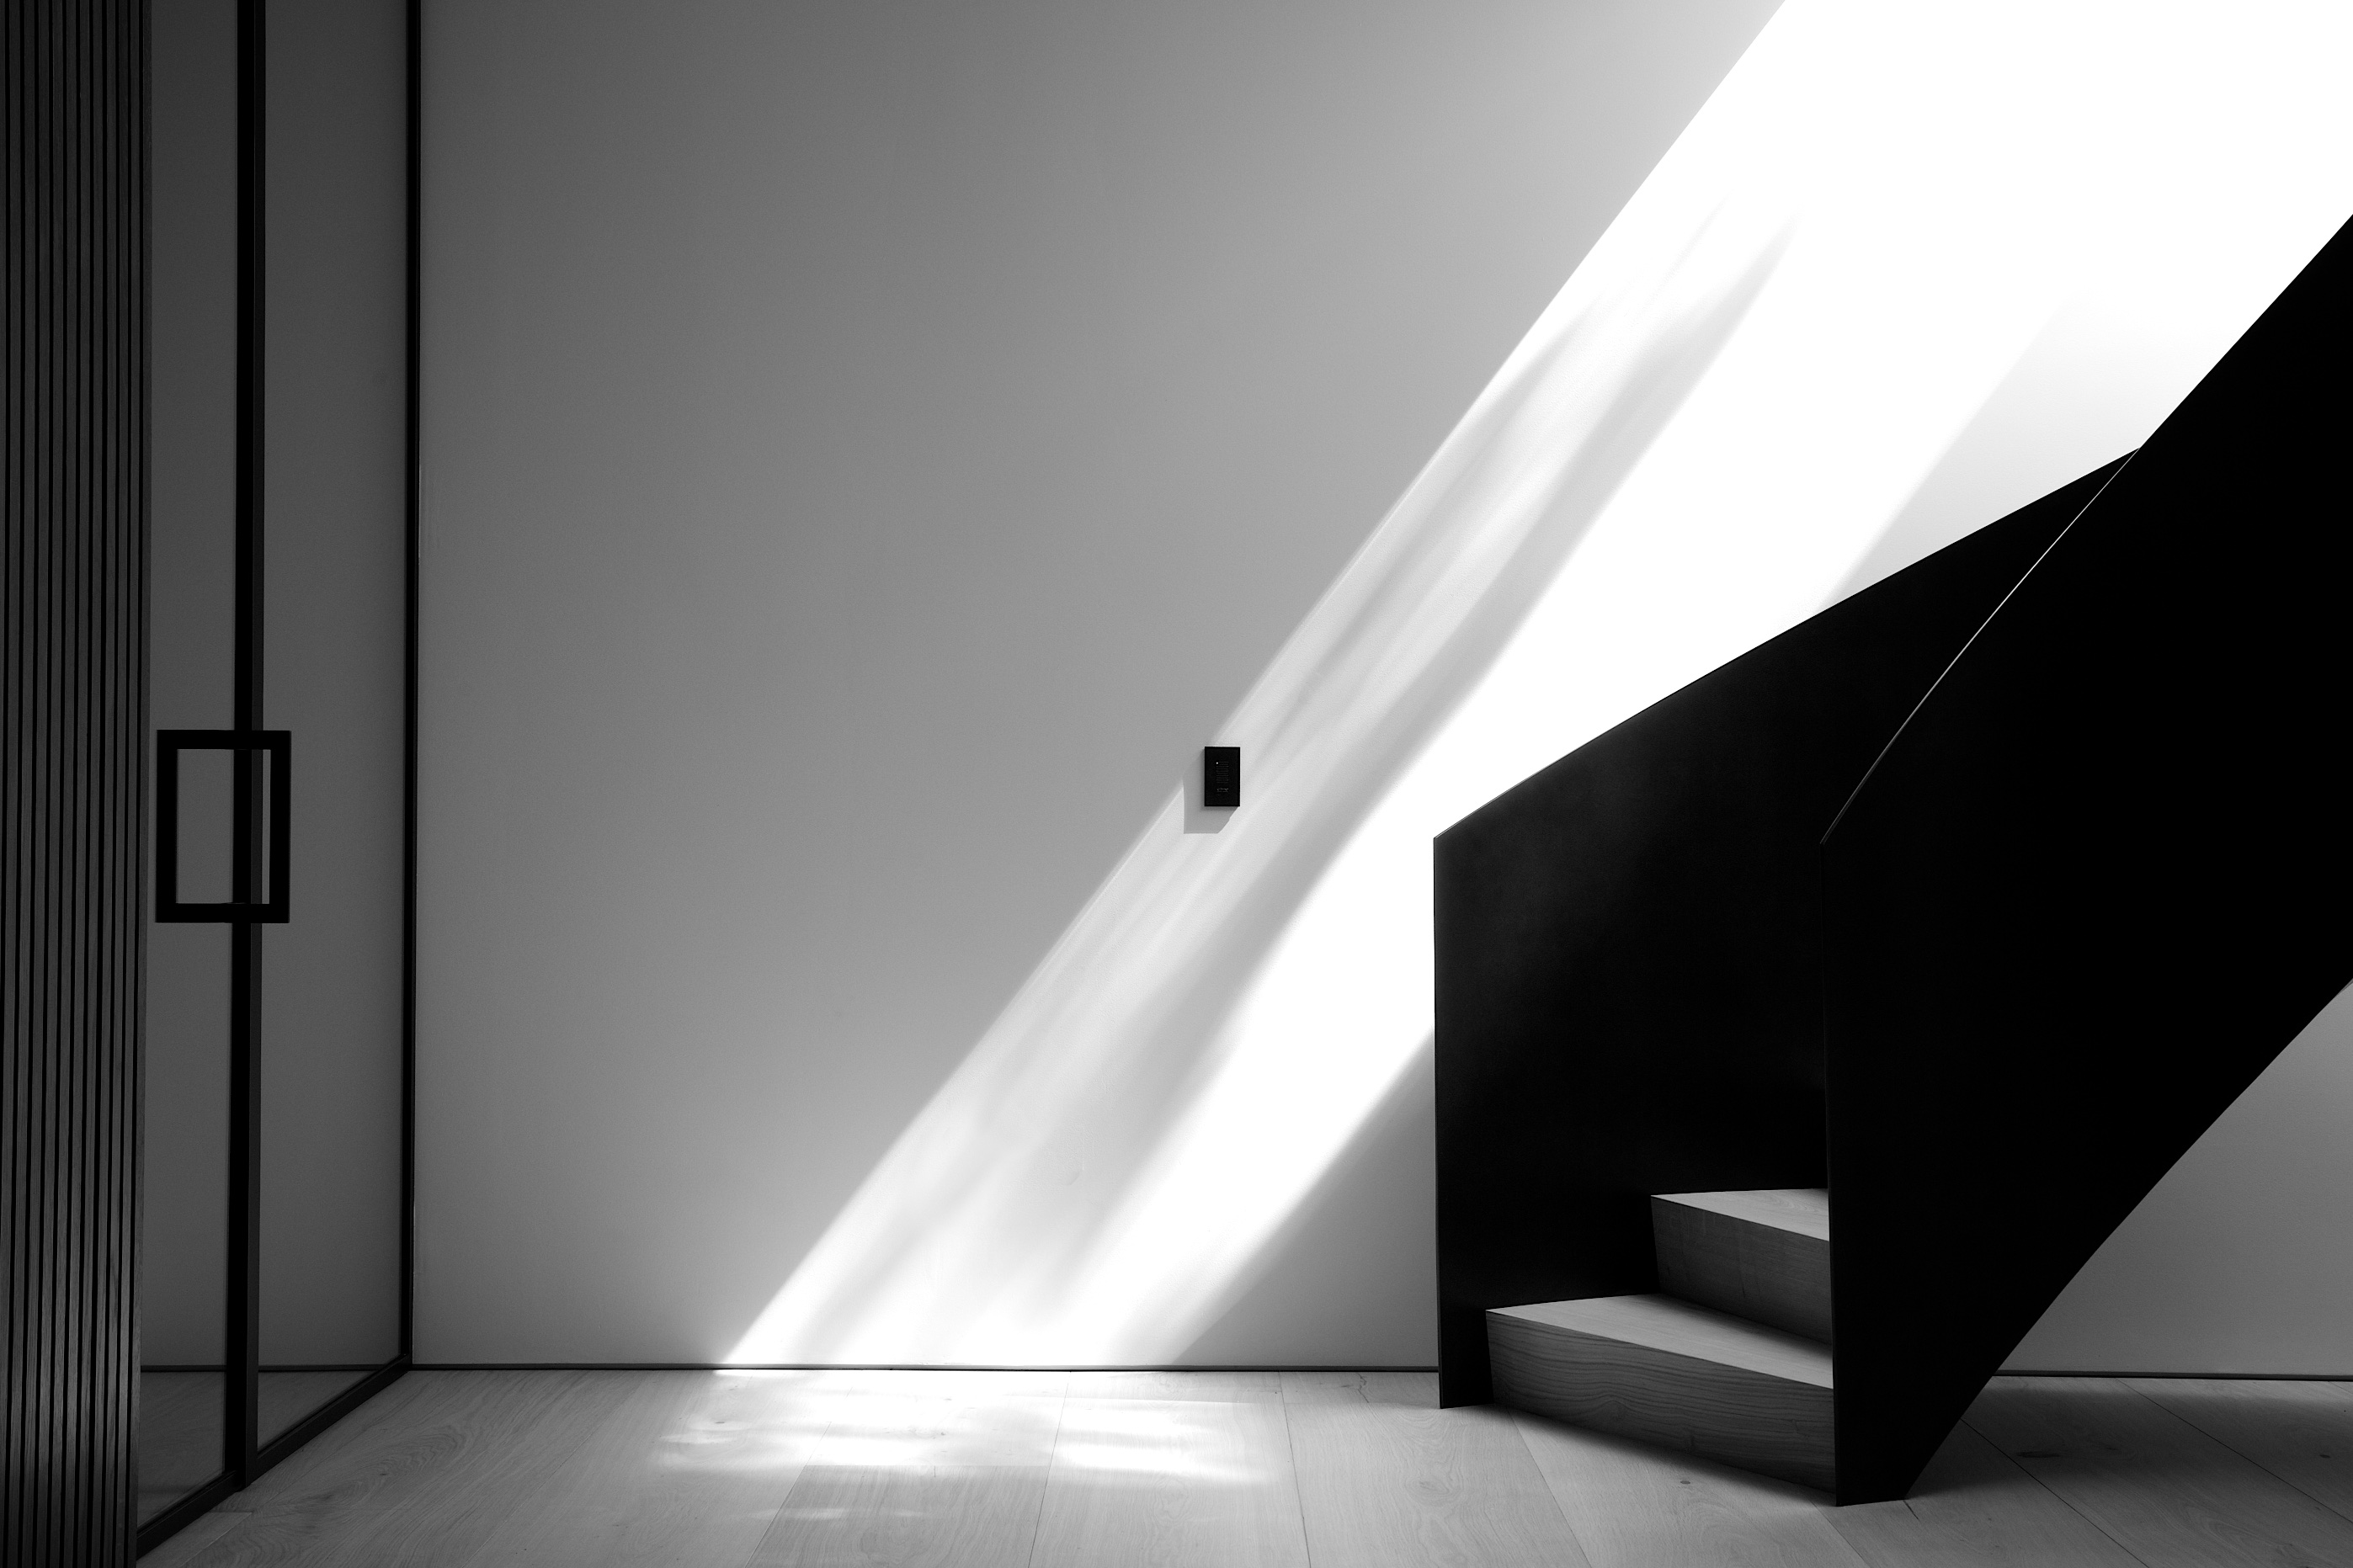 Layzell Architects